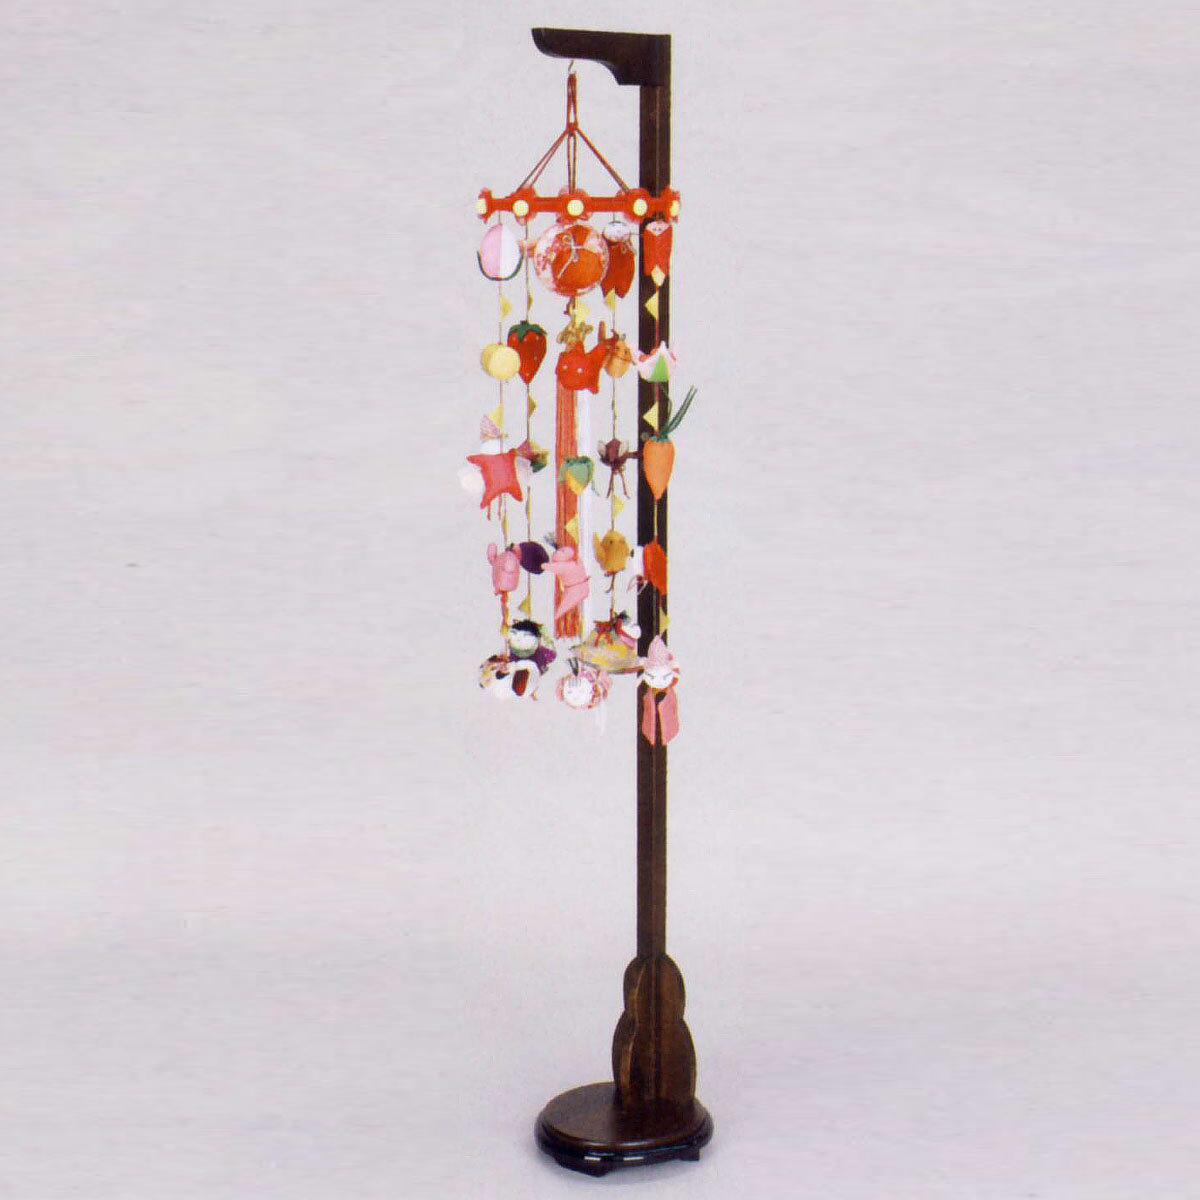 まり飾り 特小 吊り台付き TRS-F-3-9972HS送料無料 ※北海道 沖縄は除く つるし雛 吊るし飾り で 桃の節句 雛祭り ひな祭り 雛人形 のお祝いに